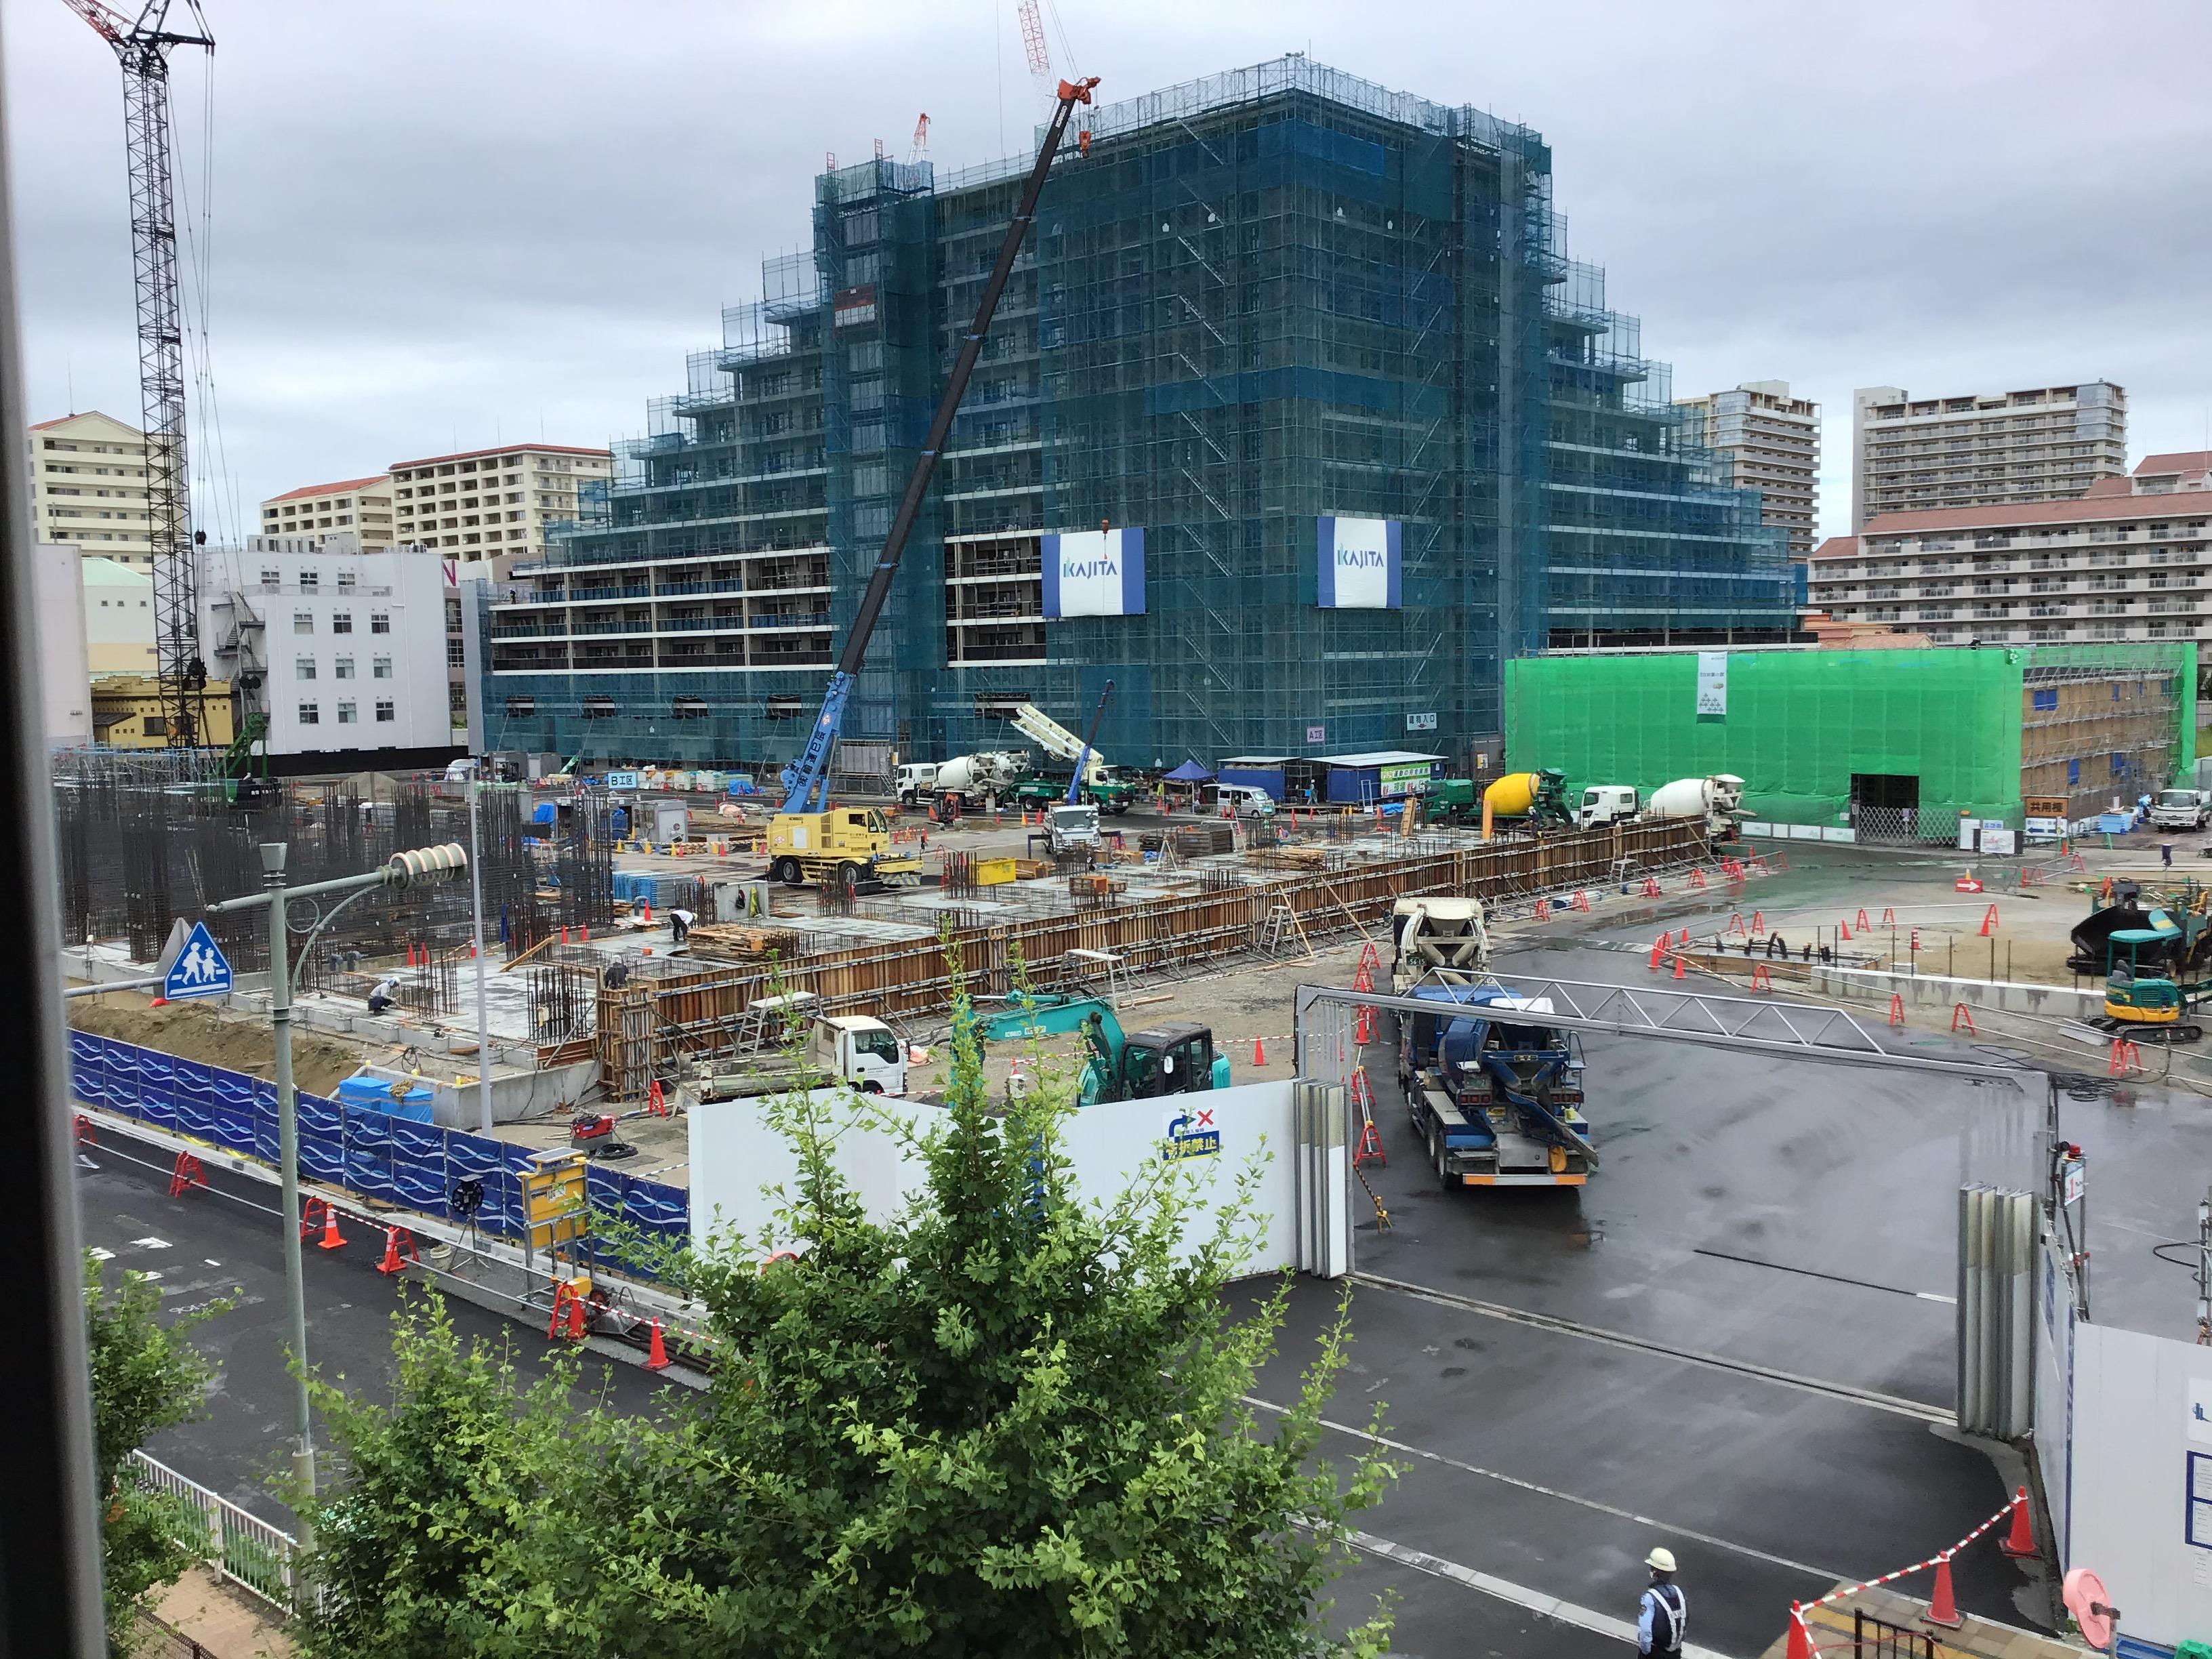 【参考】小学校周辺は、マンション群・商業施設・新興住宅街があり、今もJT跡地の再開発中。直ぐ西500mに皿池が。みんな、守ろうね。